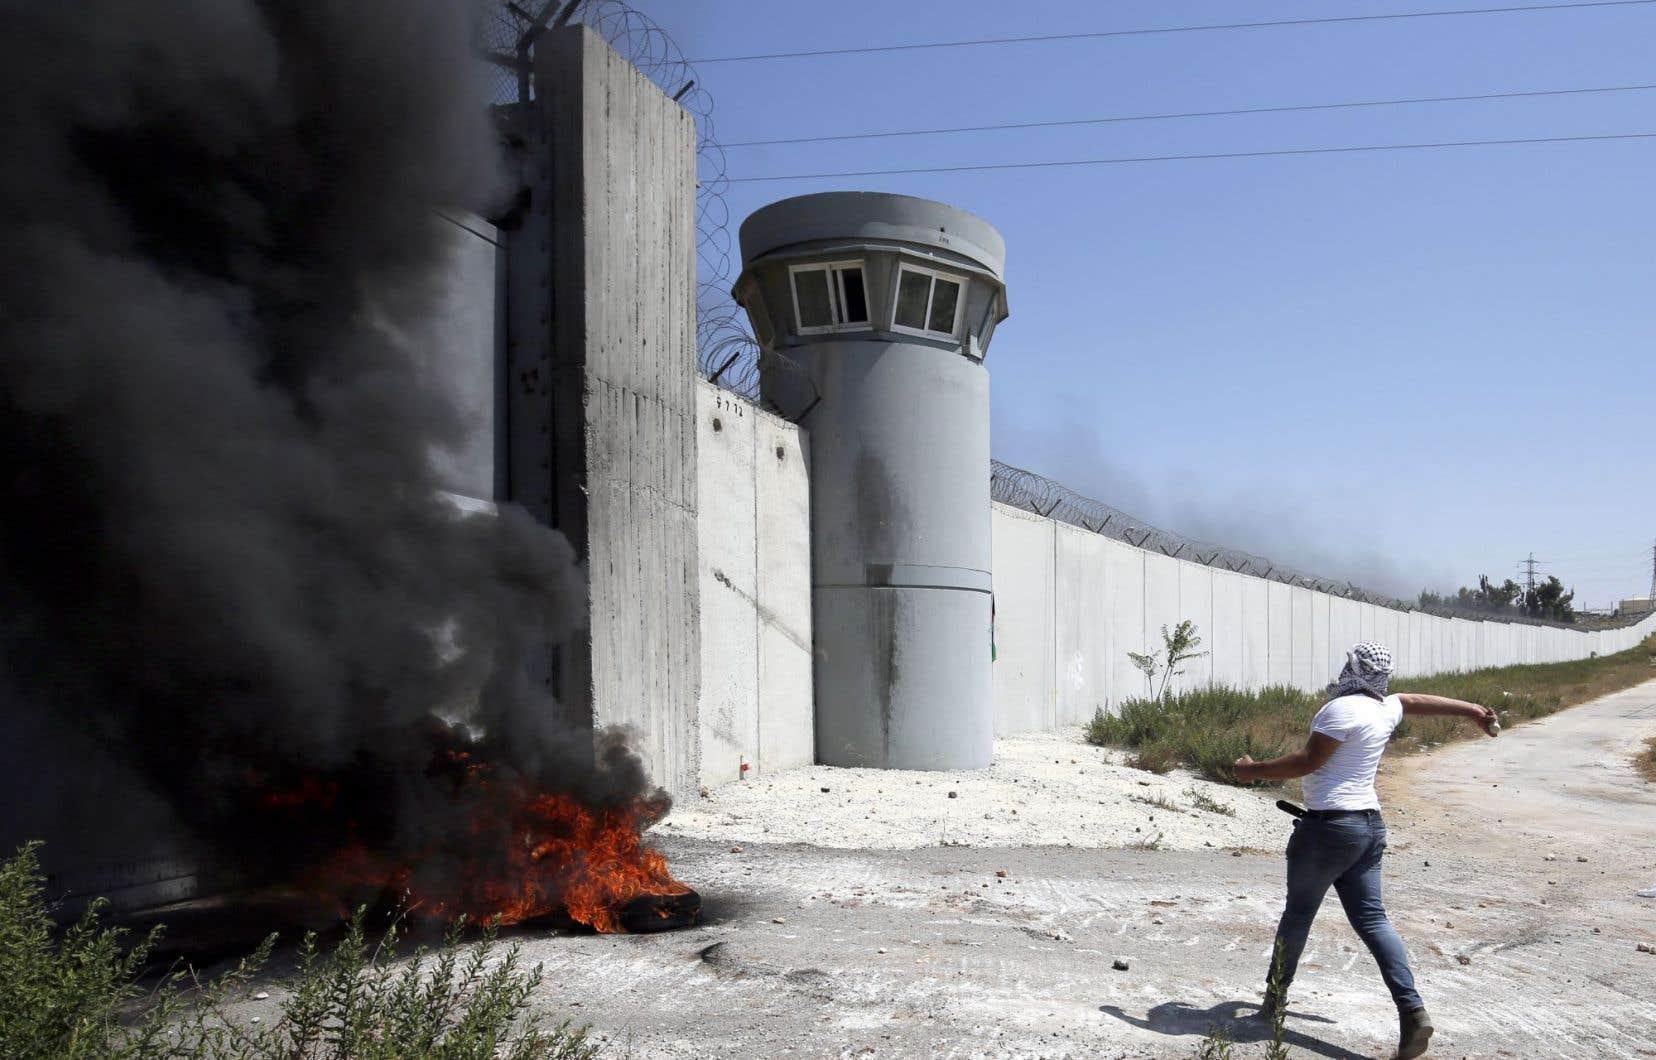 Un jeune Palestinien lance des pierres en direction d'un check point près de Qalandiya, là où une jeune femme a été abattue par des gardes privés en avril dernier parce qu'ils la soupçonnaient de vouloir les attaquer.